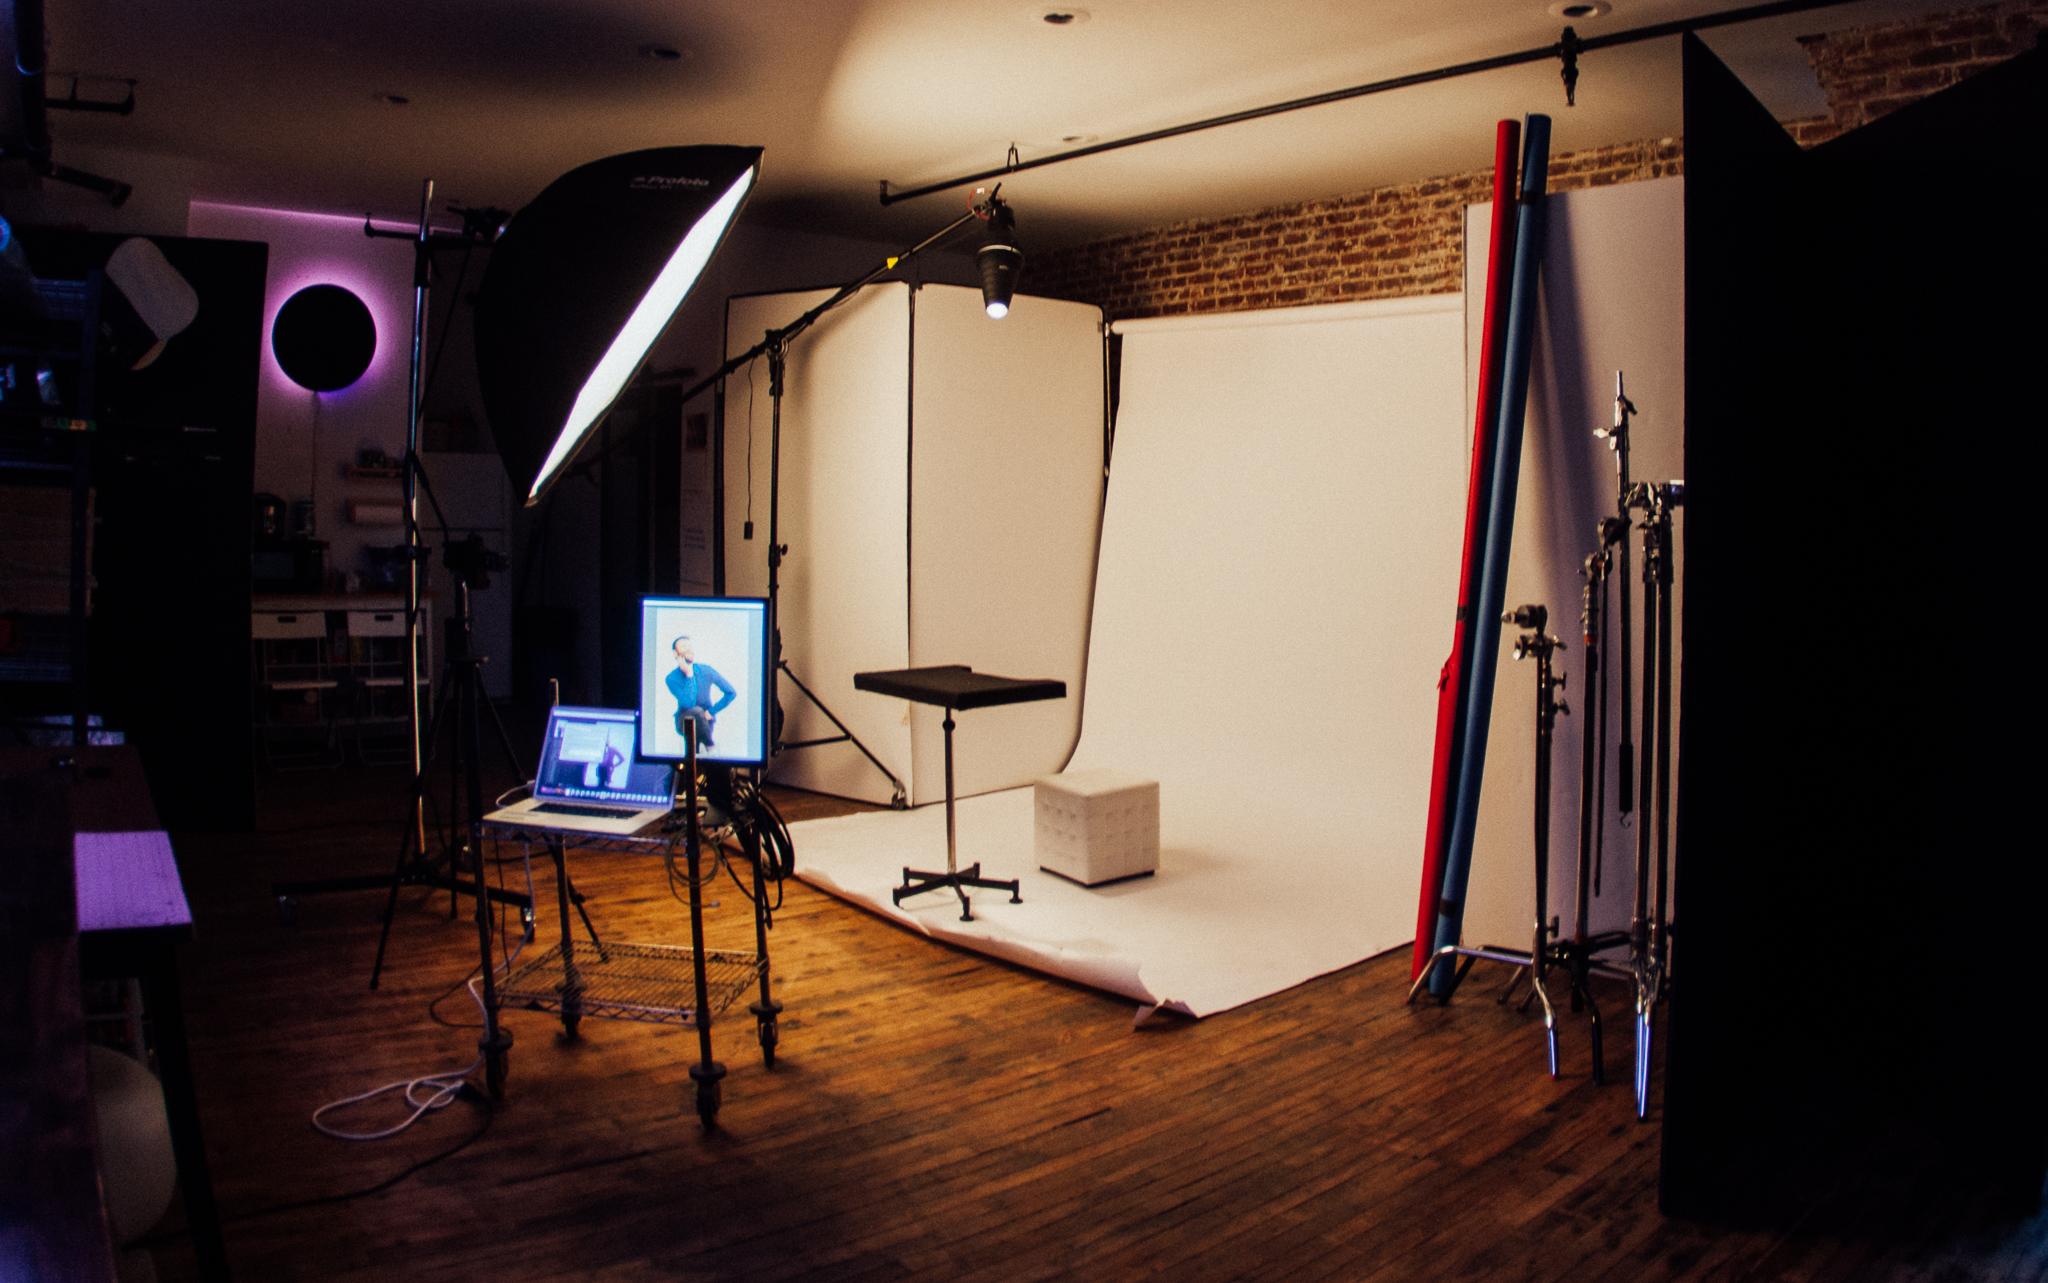 Full seamless setup for portraiture